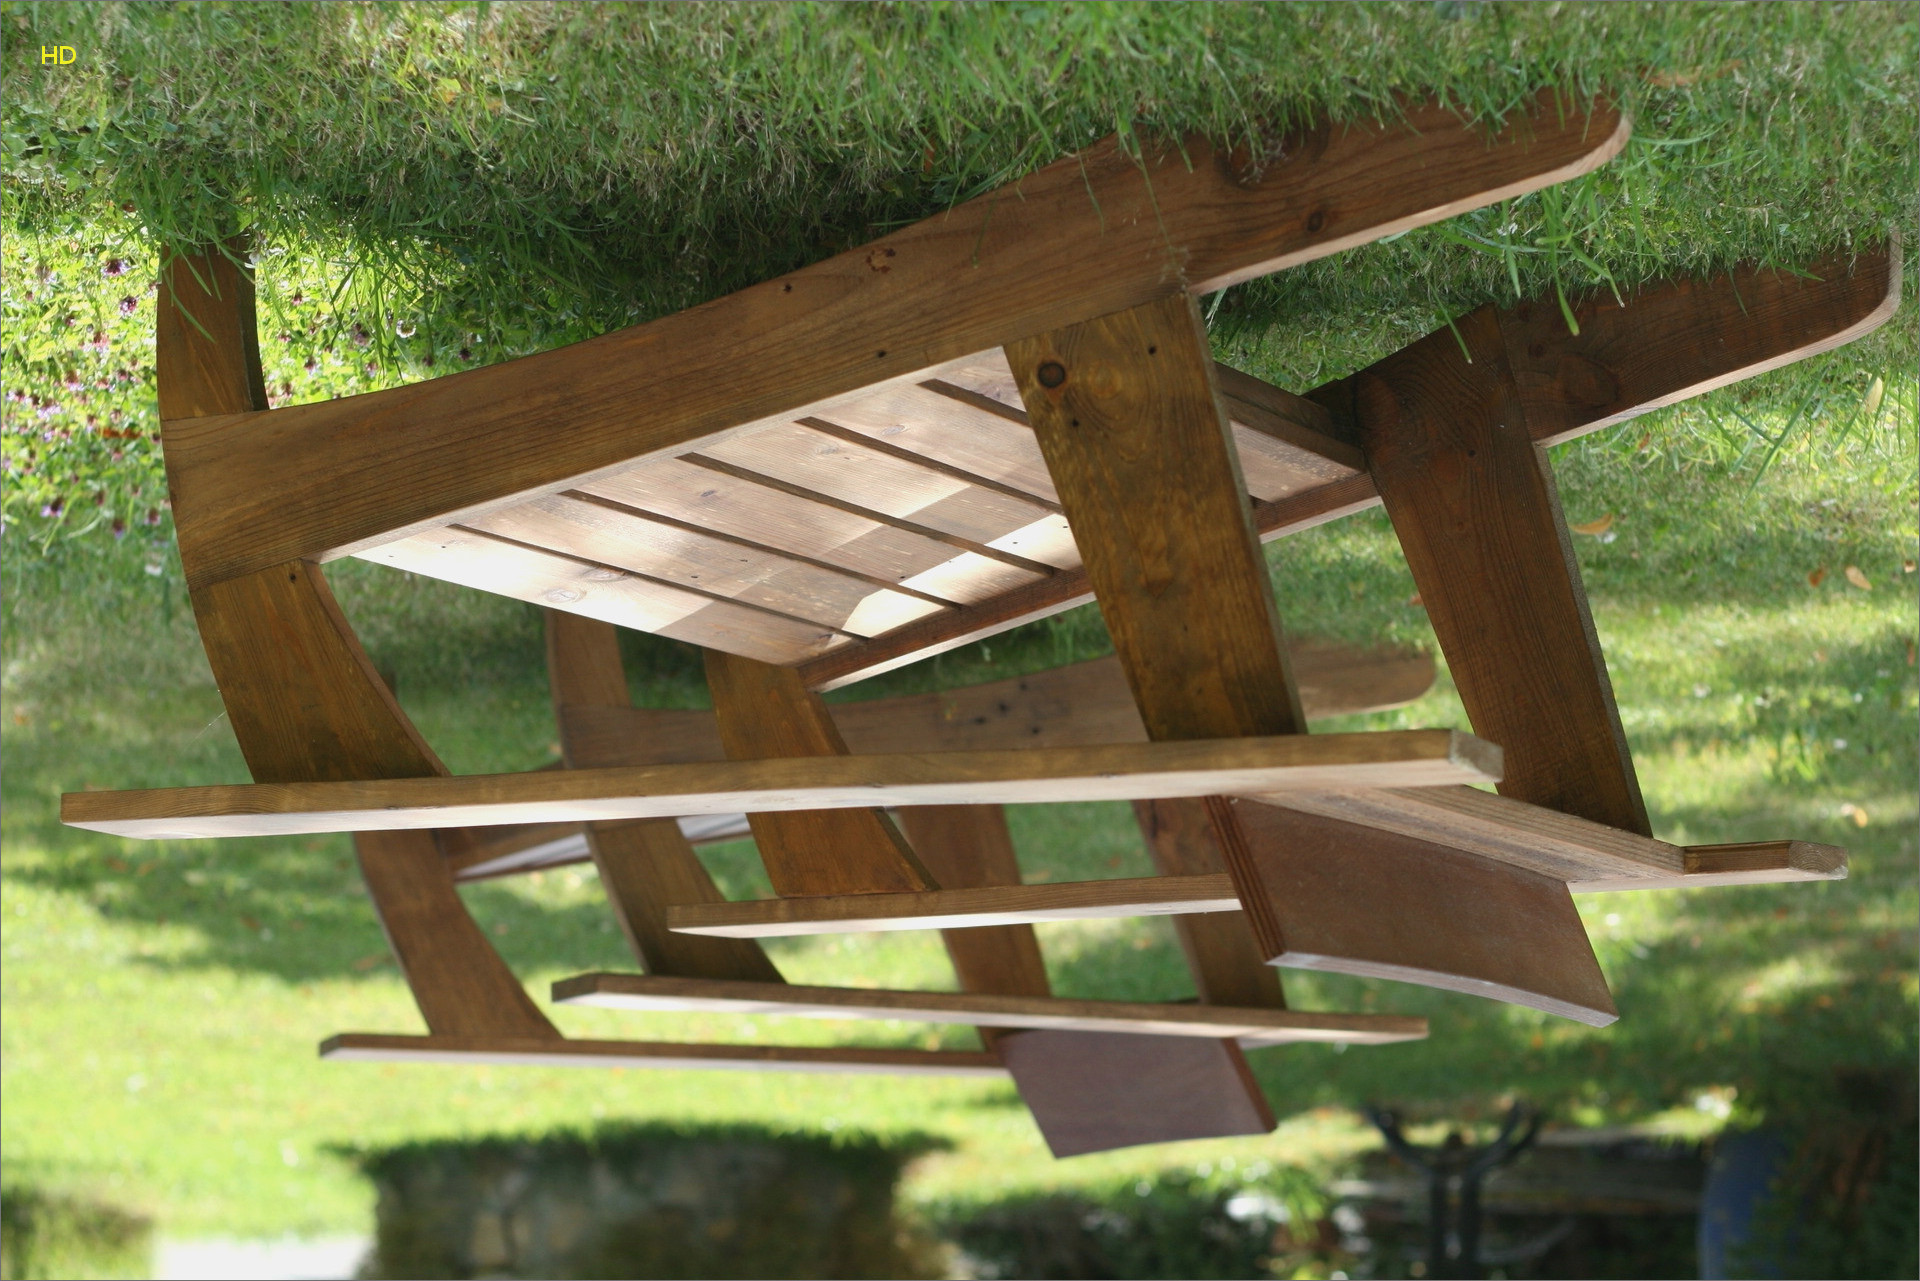 table et banc de jardin meilleur de table terasse banc pour salon banc terrasse 0d c2a2e280a0 byrd of table et banc de jardin